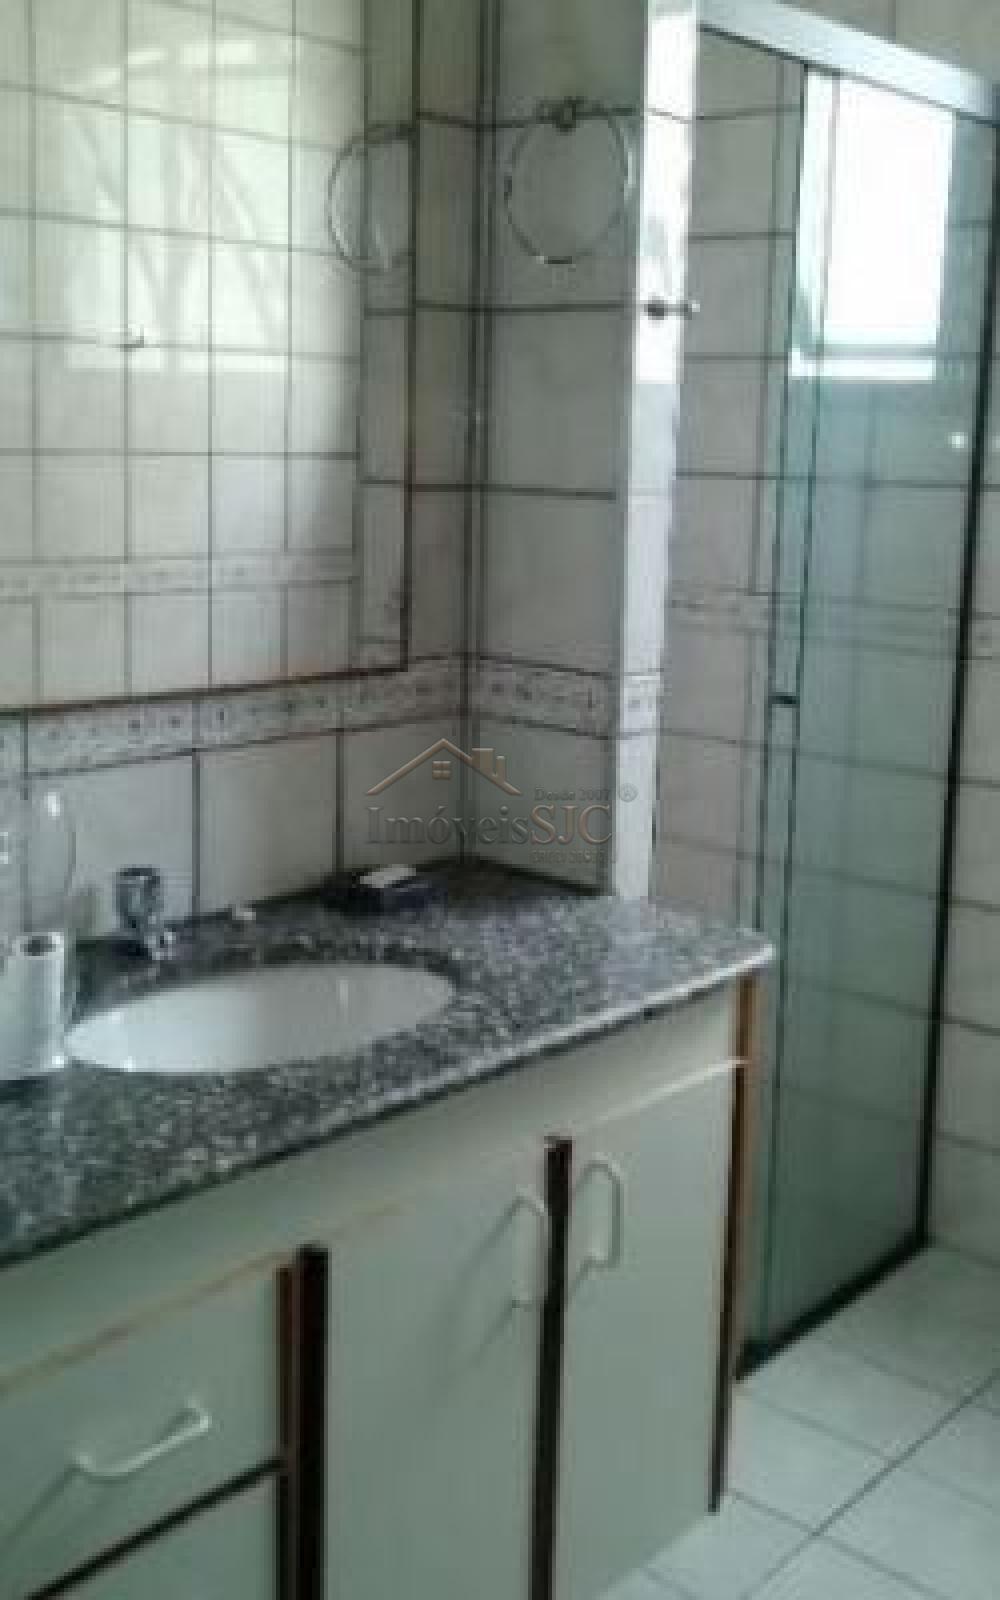 Comprar Apartamentos / Padrão em São José dos Campos apenas R$ 235.000,00 - Foto 8